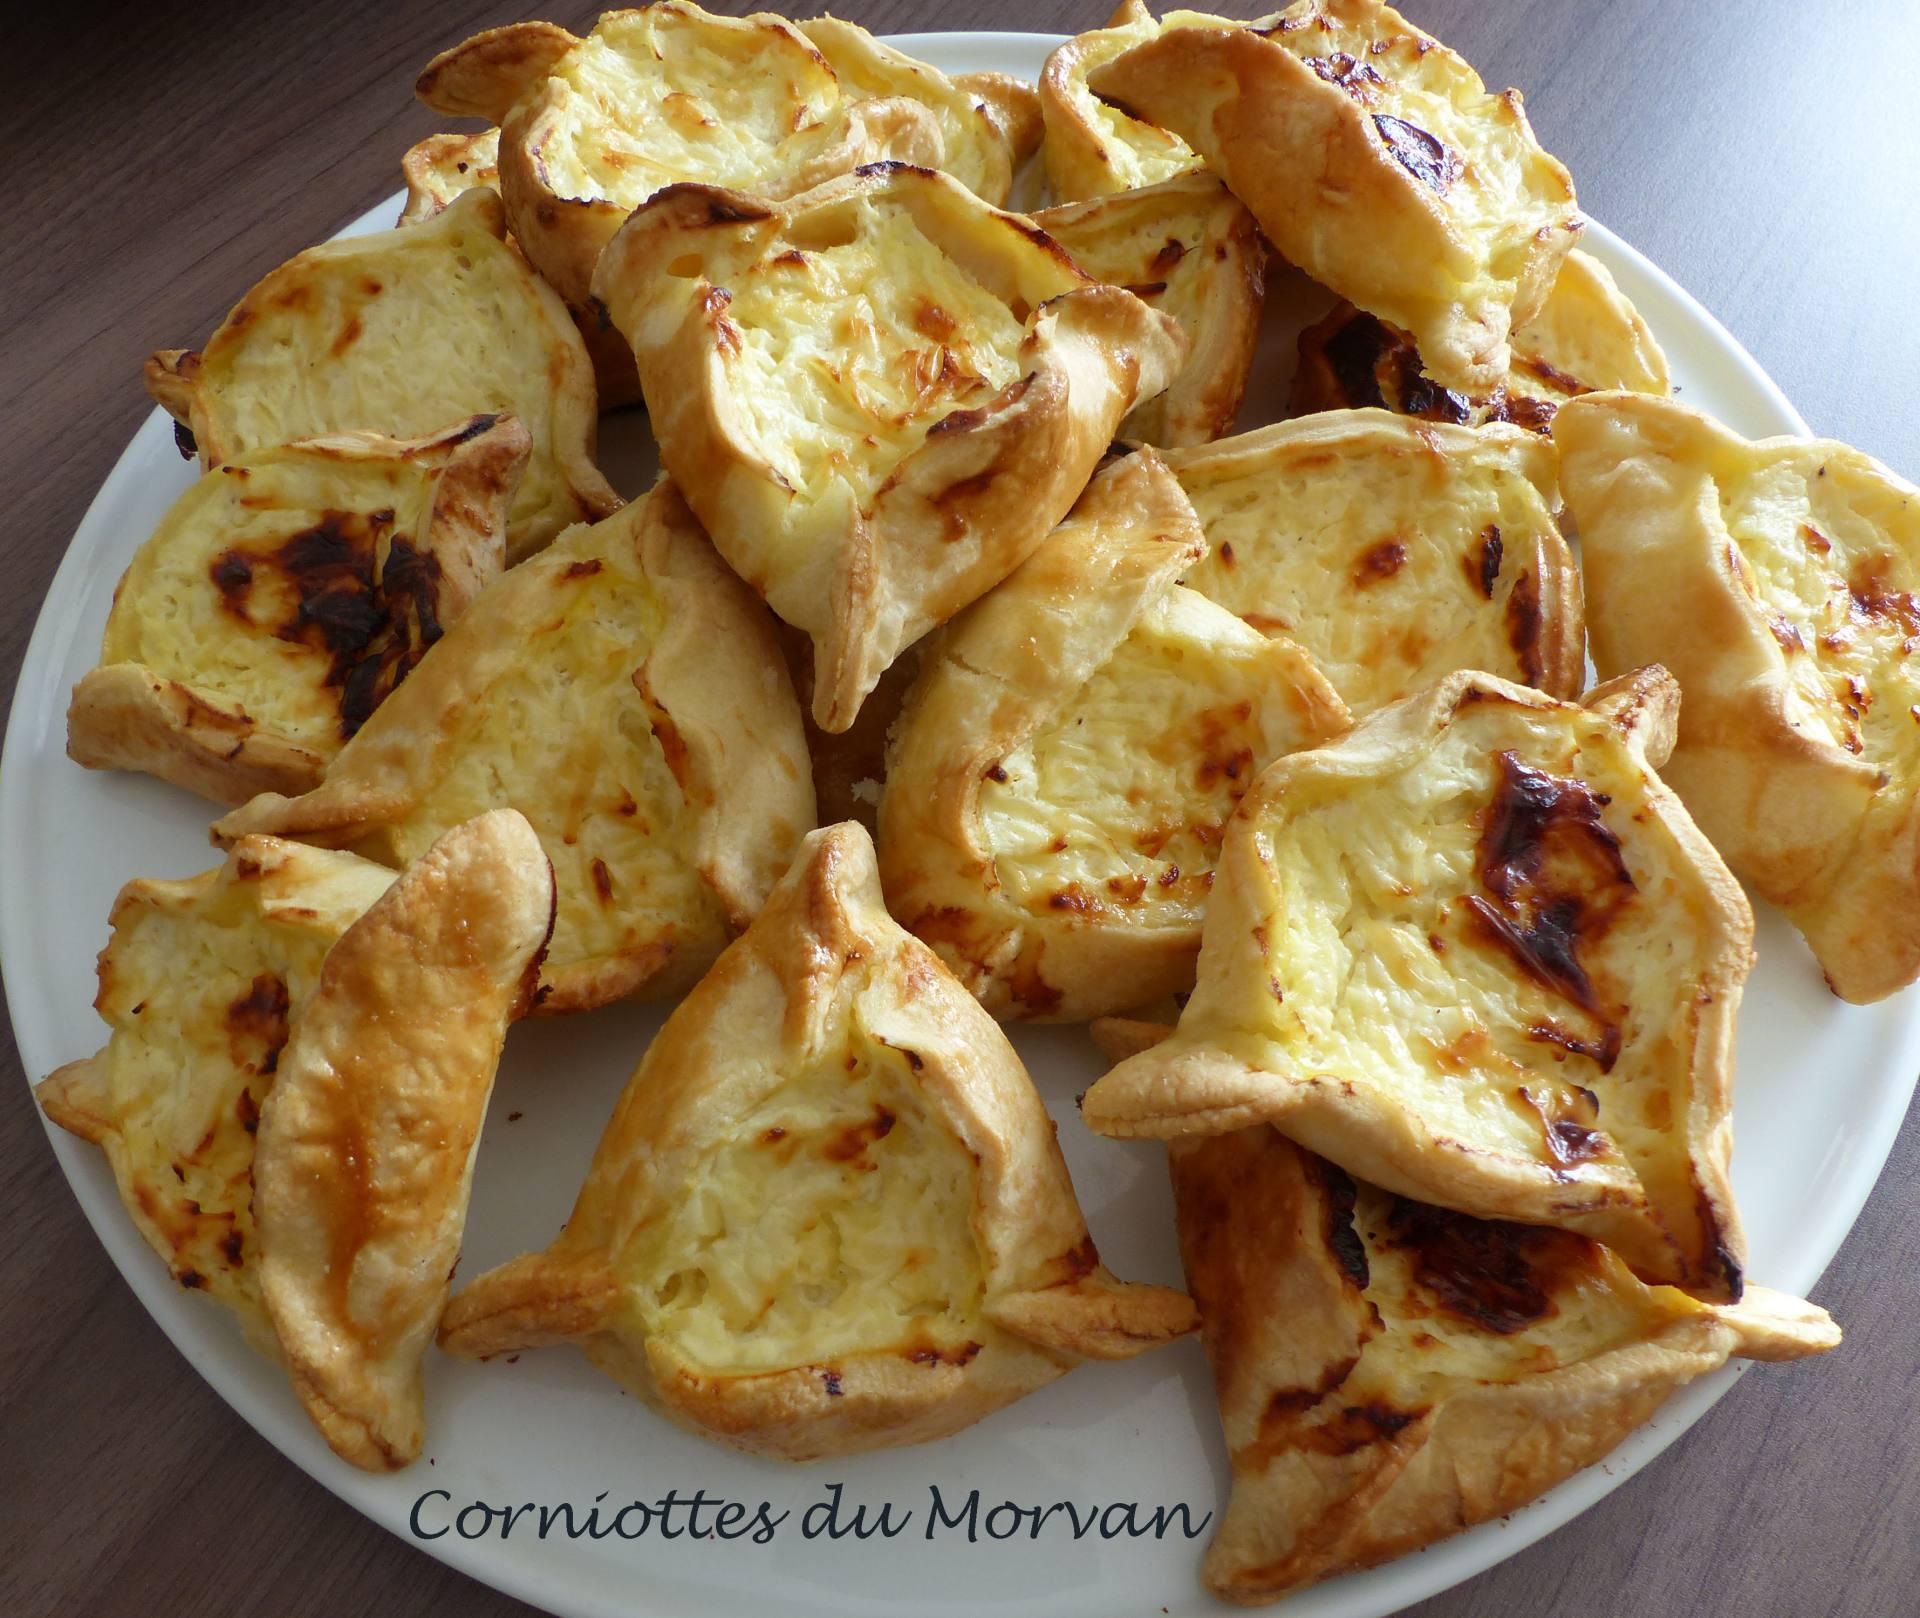 Corniottes du Morvan P1160905 R